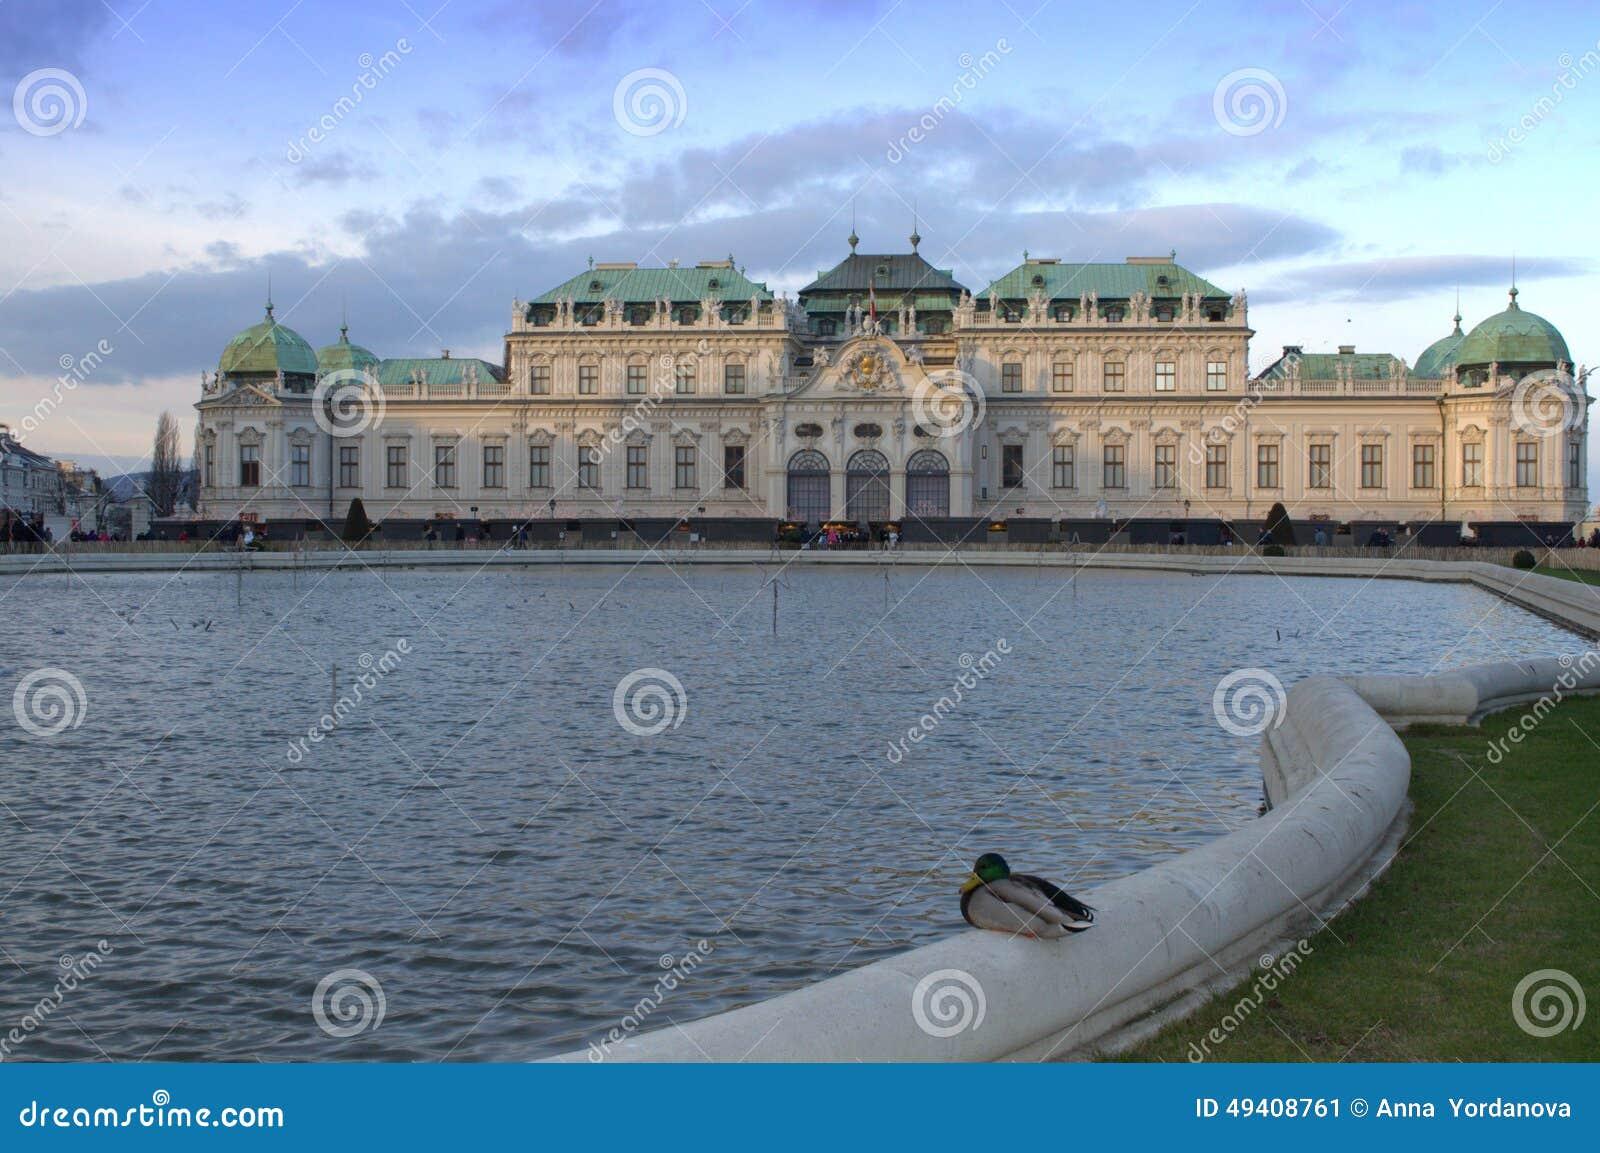 Download Idyllische Ansicht Wien Des Belvedere-Palastes Stockbild - Bild von majestätisch, historisch: 49408761